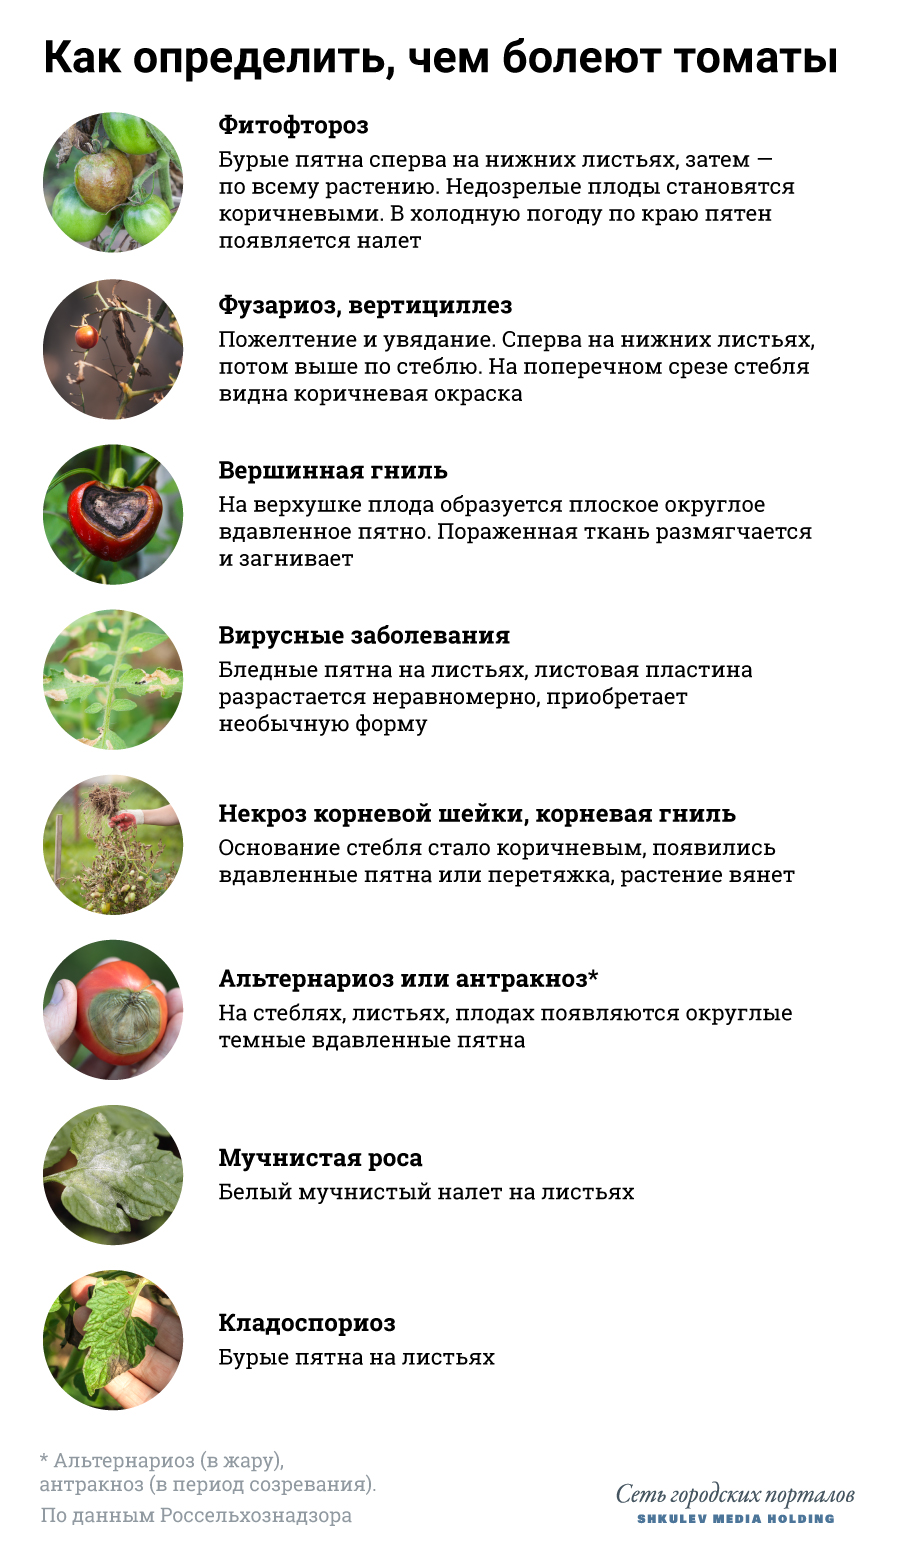 Признаки болезней томатов